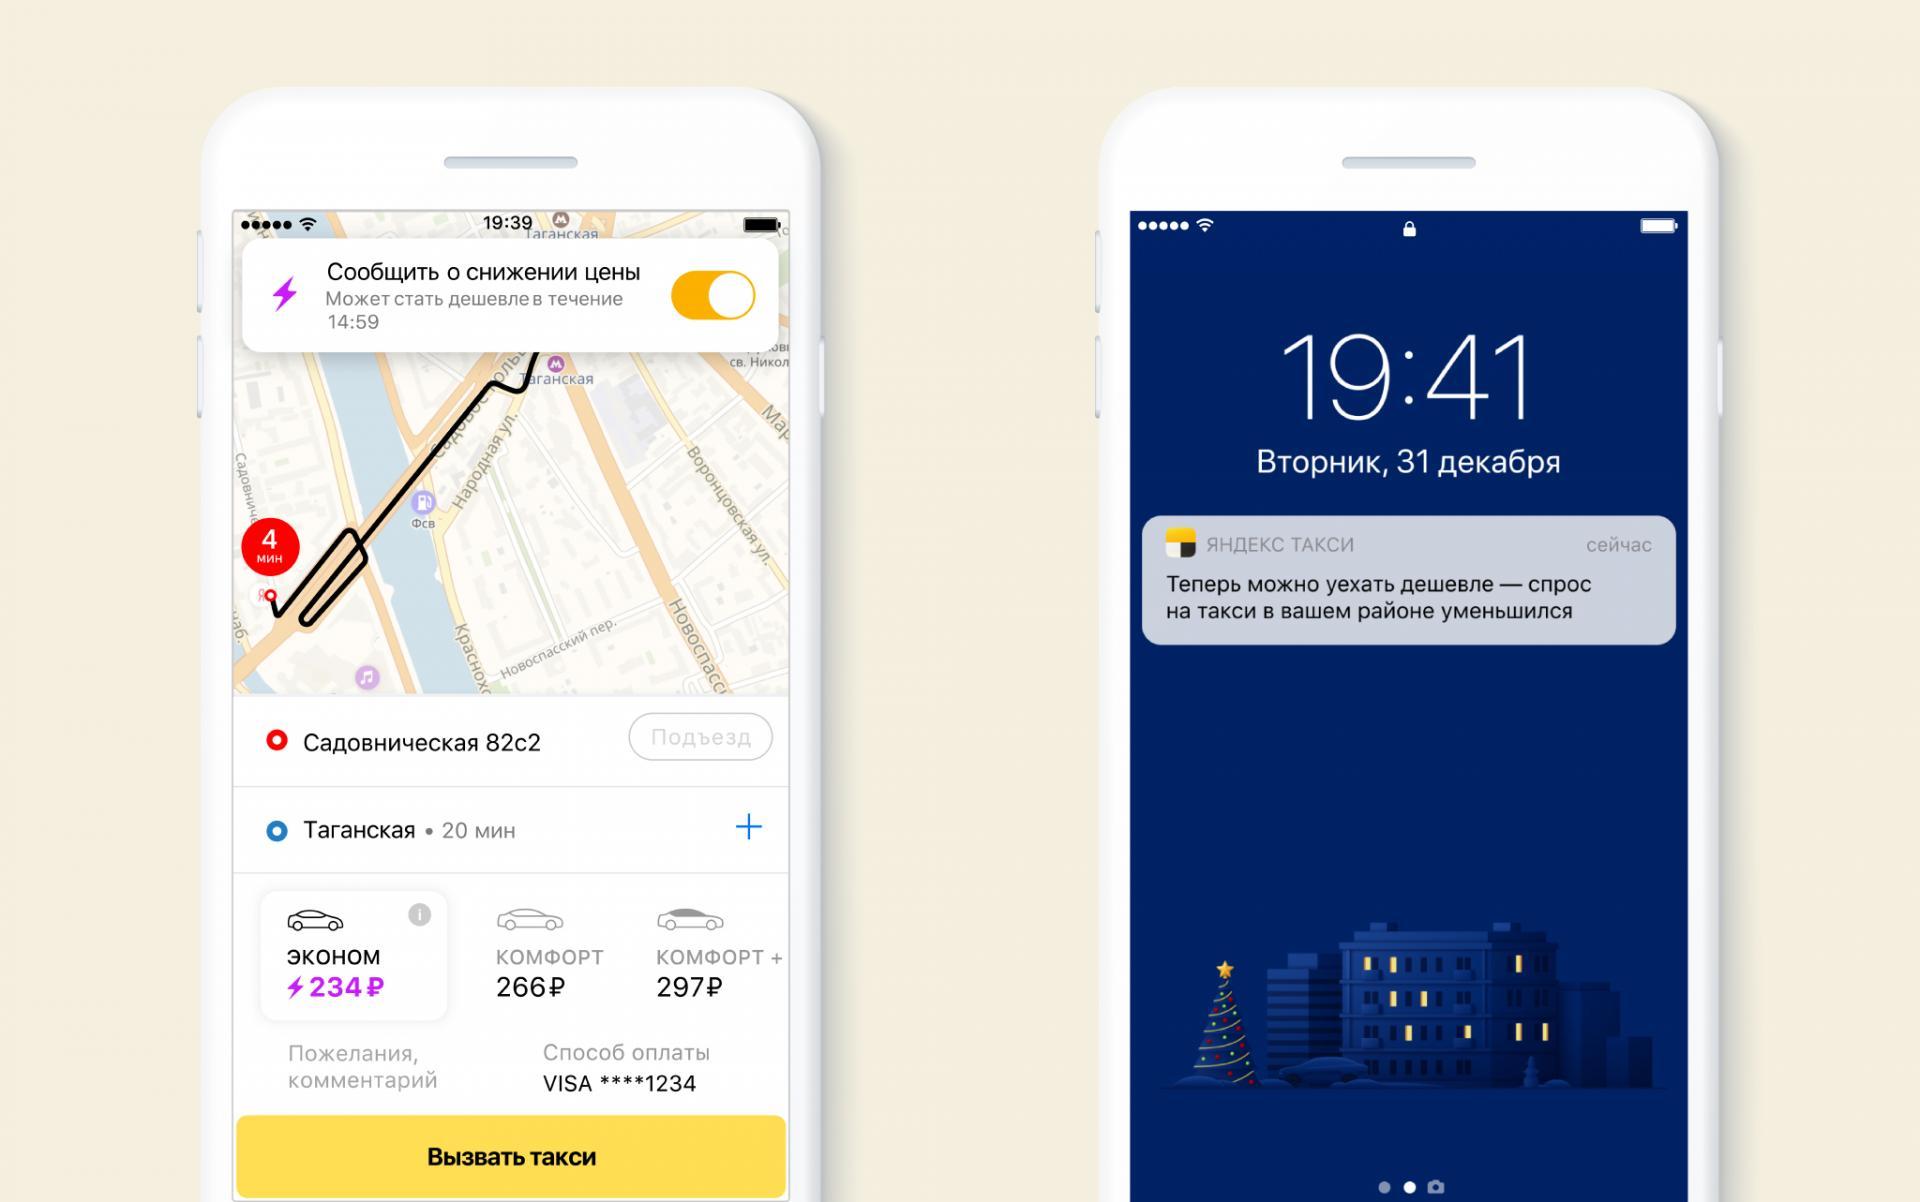 Яндекс.Такси подскажет, когда можно сэкономить